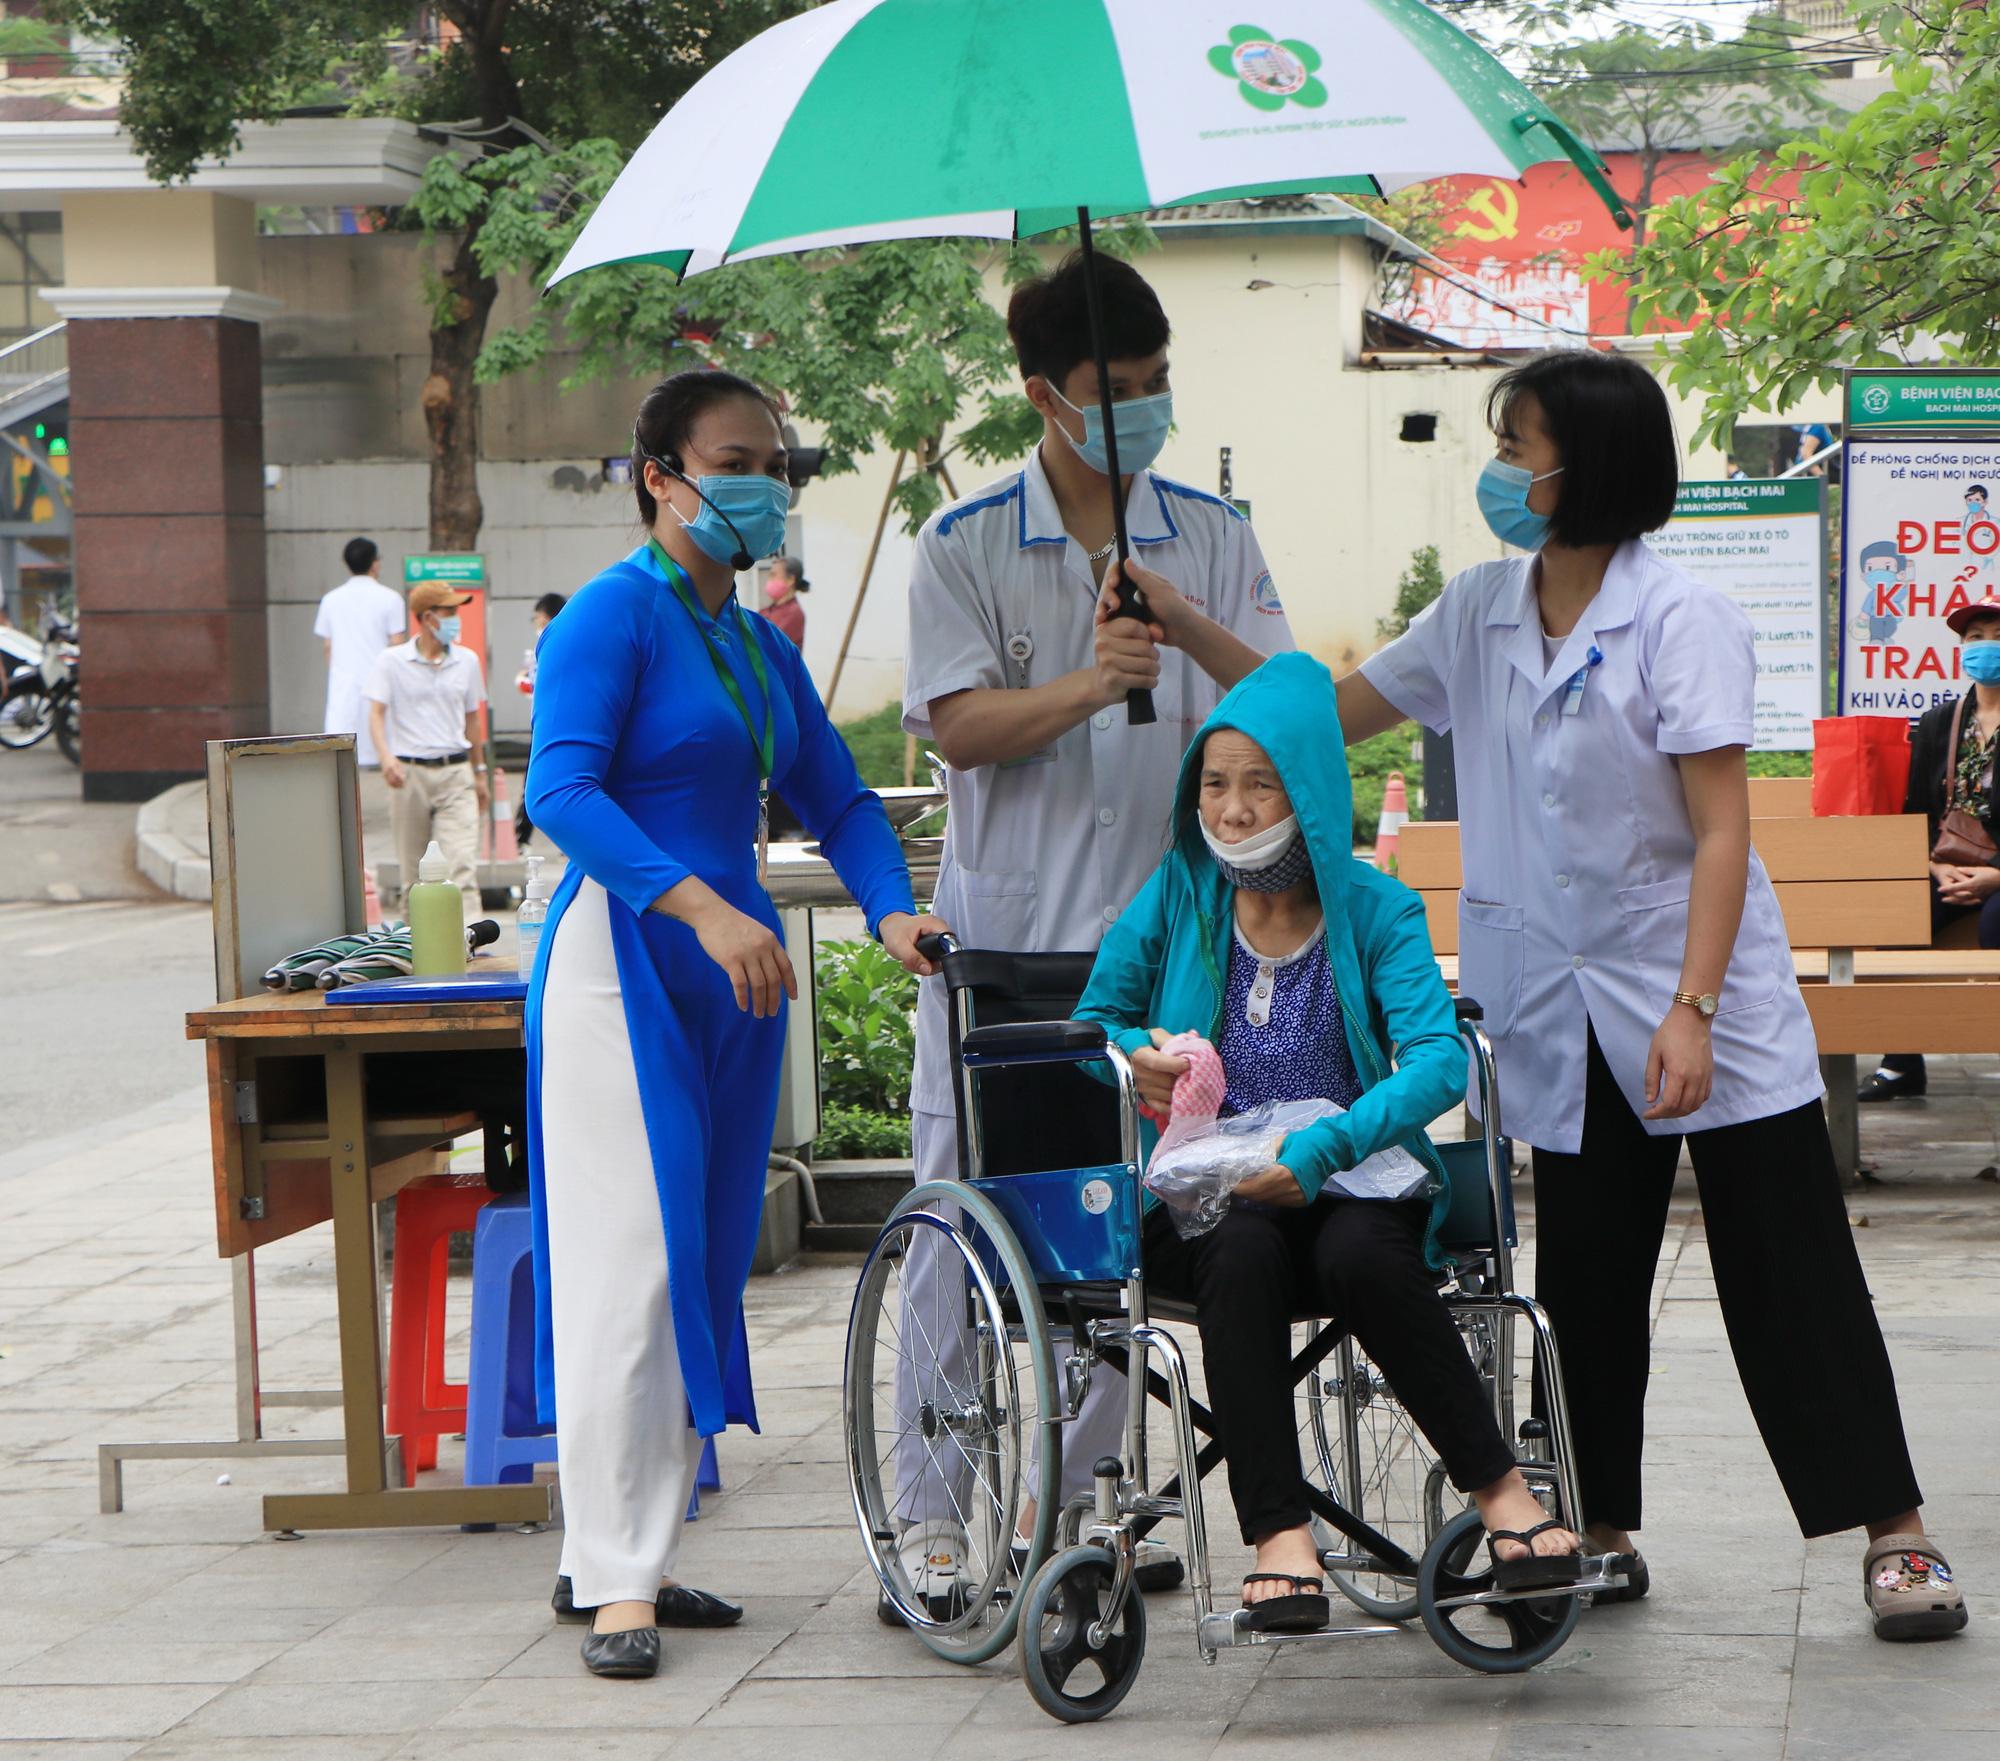 """Lãnh đạo Bệnh viện Bạch Mai: """"Không có mất mát hy sinh nào mà không có kết quả"""" - Ảnh 2."""